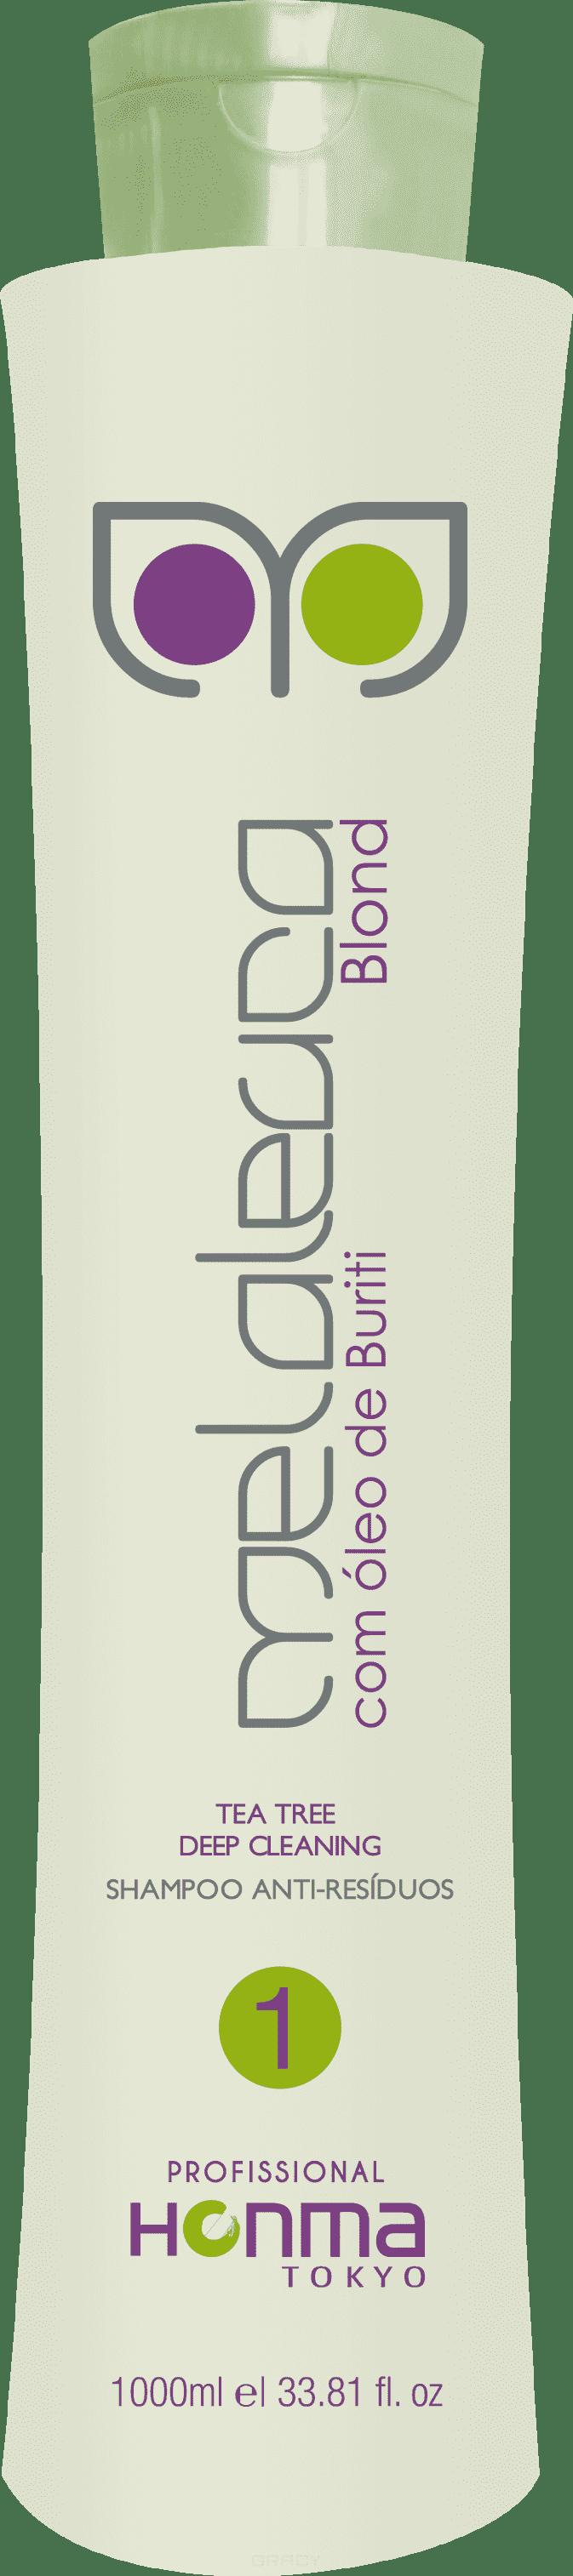 Подготавливающий шампунь Escova de Melaleuca Blond Шаг 1, 1 лШАМПУНЬ ГЛУБОКОЙ ОЧИСТКИ  Линии «MELALEUCA BLOND» был разработан с добавлением масел Чайного дерева и плодов Бурити, которые глубоко очищают волосы, подготавливая их к процедуре выпрямления Линии «MELALEUCA BLOND», в то же самое время заботясь о коже головы.&#13;<br>&#13;<br>  &#13;<br>&#13;<br>&#13;<br>ДЕЙСТВИЕ: Раскрывает чешуйки волос для проникновения следующего шага.&#13;<br>&#13;<br>&#13;<br>  &#13;<br>&#13;<br>&#13;<br>ПРИМЕНЕНИЕ: Нанесите на влажные волосы, мягко массируя голову до образования пены. Хорошо промойте волосы и повторите процедуру один или два раза, если это необходимо.&#13;<br>&#13;<br>&#13;<br>  &#13;<br>&#13;<br>&#13;<br>МЕРЫ ПРЕДОСТОРОЖНОСТИ: Храните в недоступном для детей месте. Не глотайте. При случайном попадании в глаза, обильно промойте их водой. Если раздражение развивается, прекратите процедуру и обратитесь к врачу. Защищайте от света и тепла. Для наружного использования.<br>